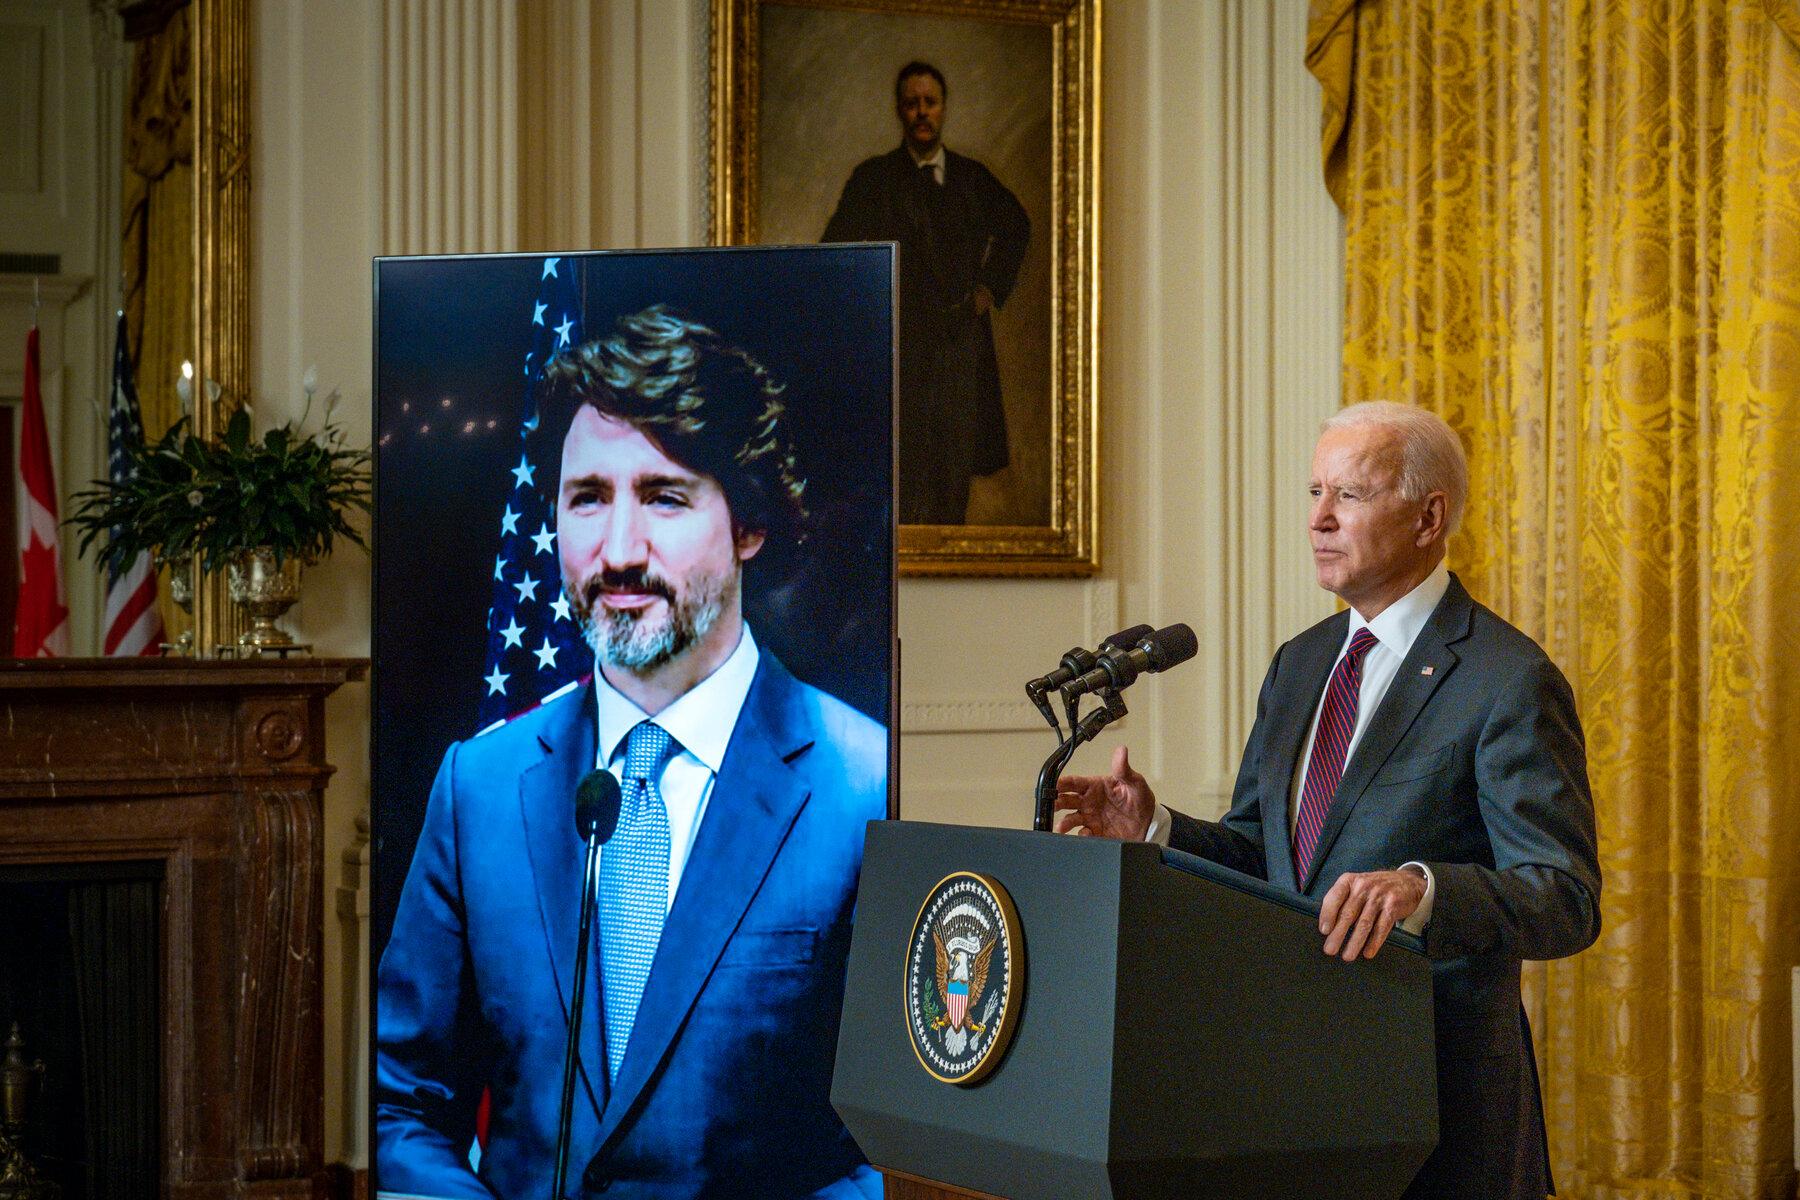 美国总统拜登与加拿大总理特鲁多首次进行视讯会议